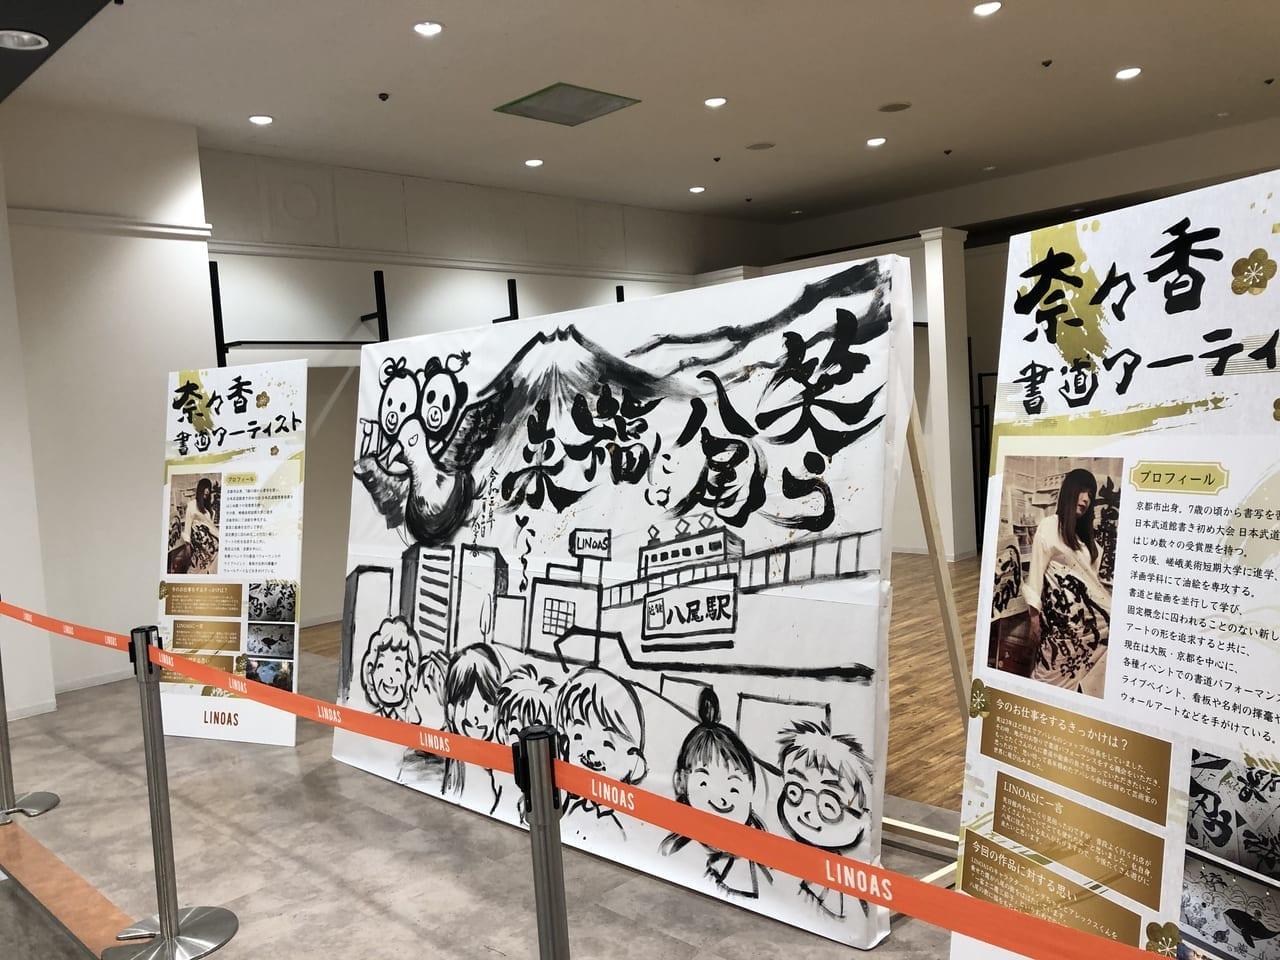 書道アーティスト 奈々香さんの作品